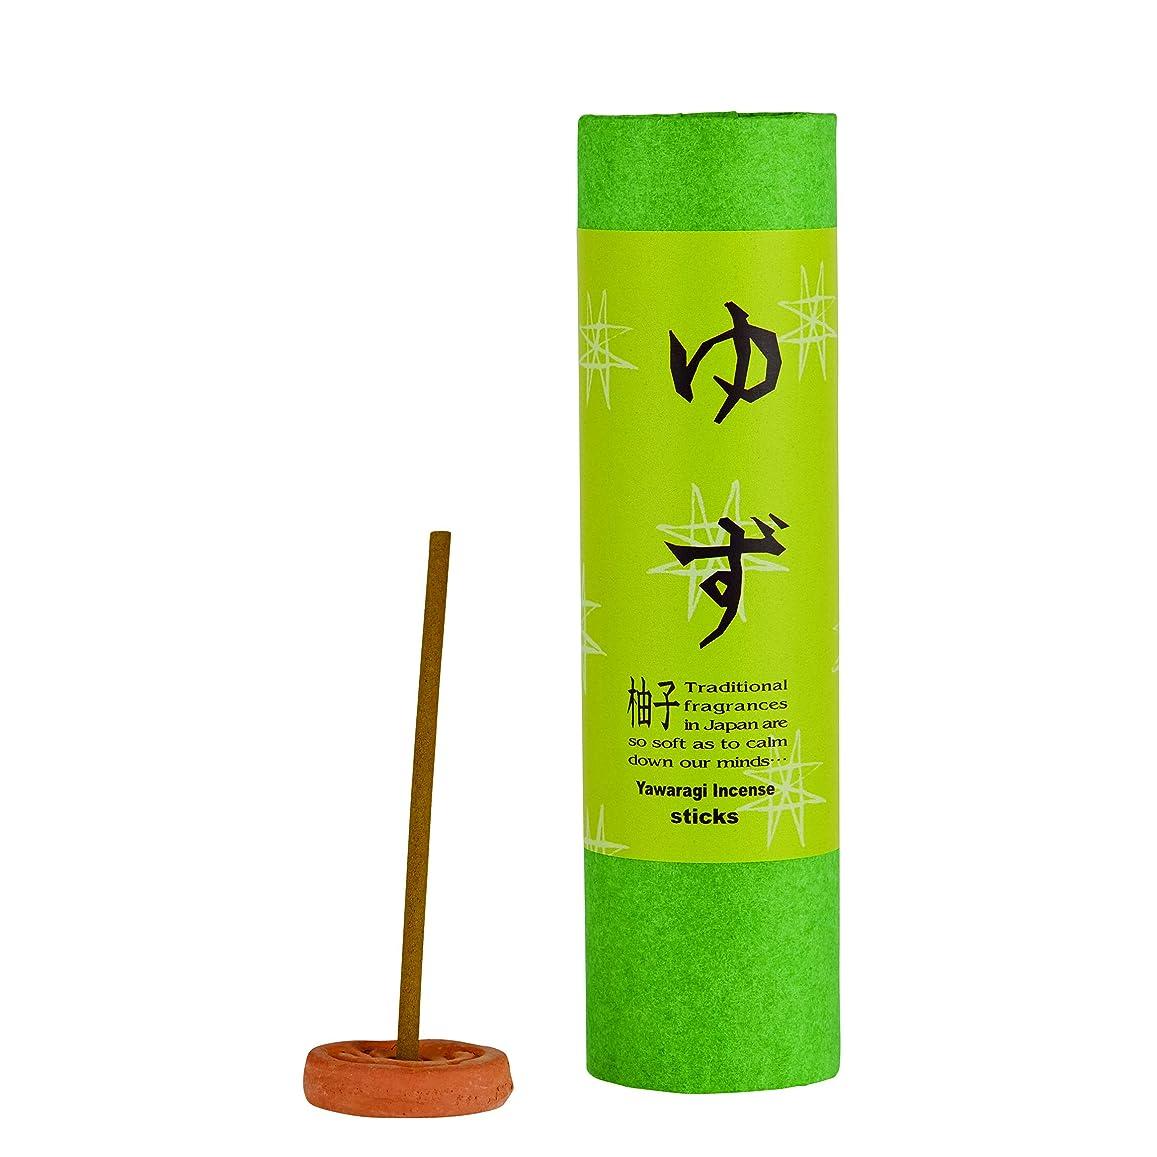 リボン呼吸する影響和のお香 スティック ゆず 15本(スティックタイプインセンス)